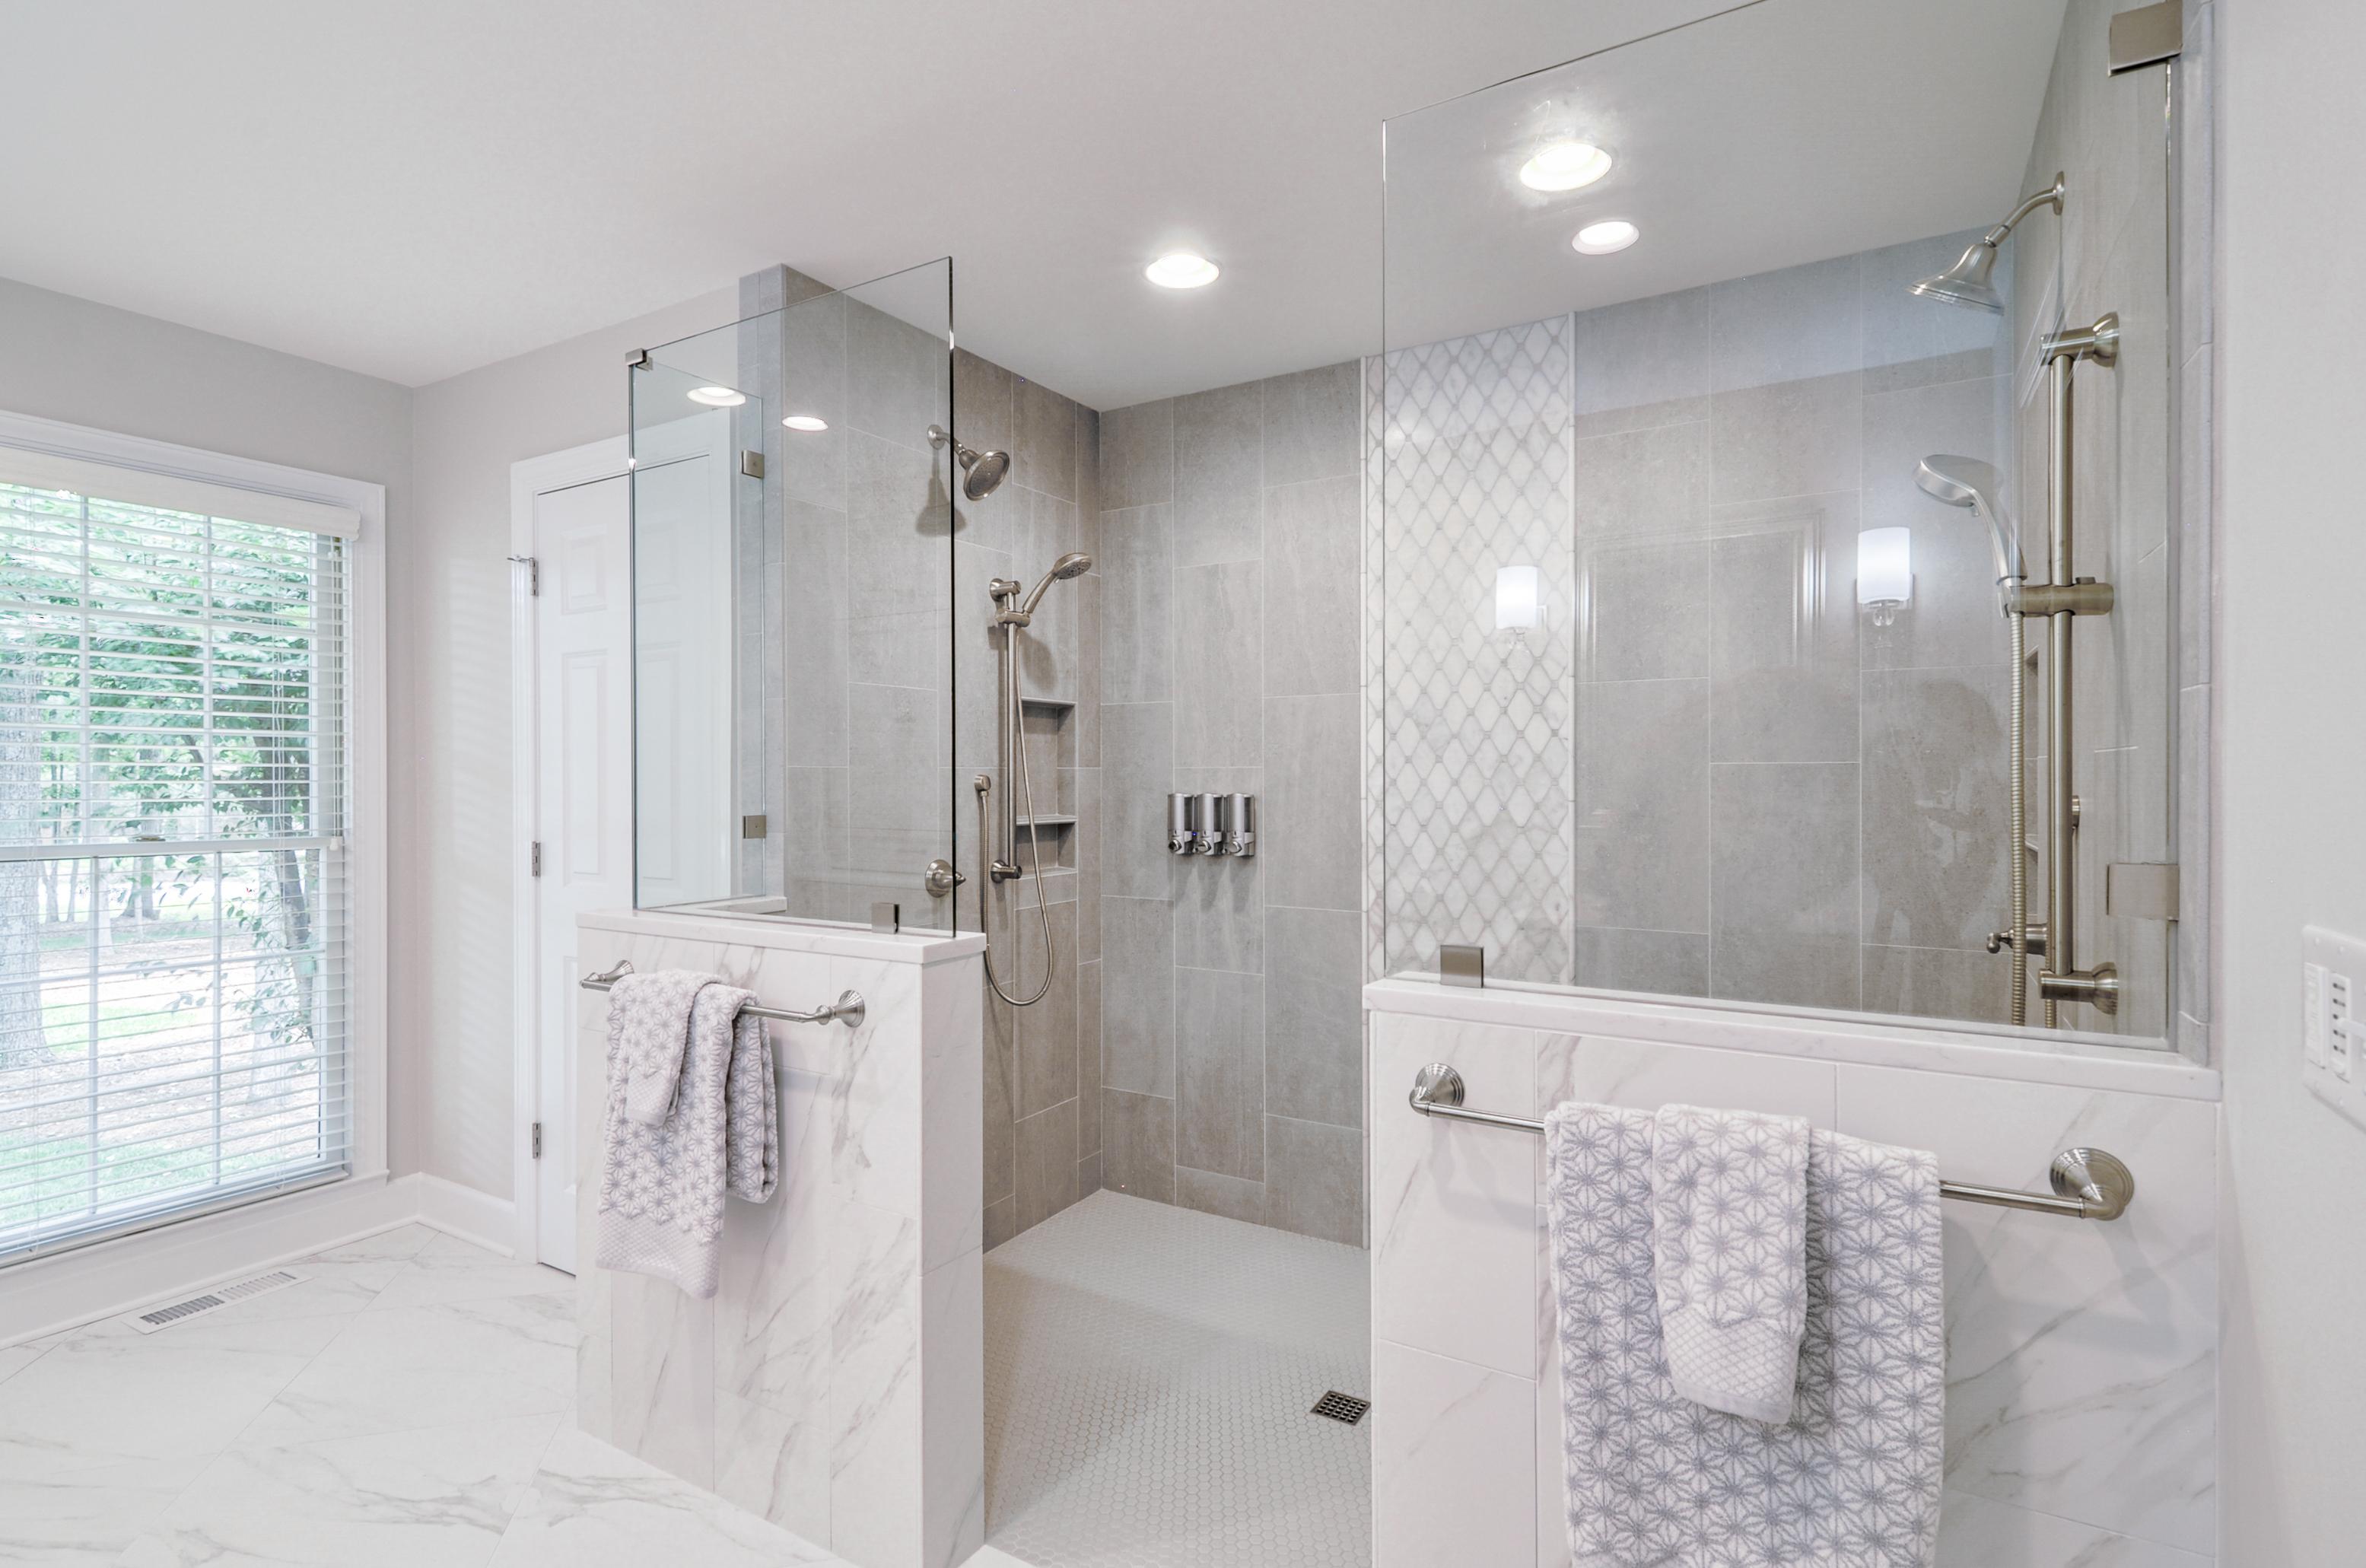 Ward_Master Bathroom (4)